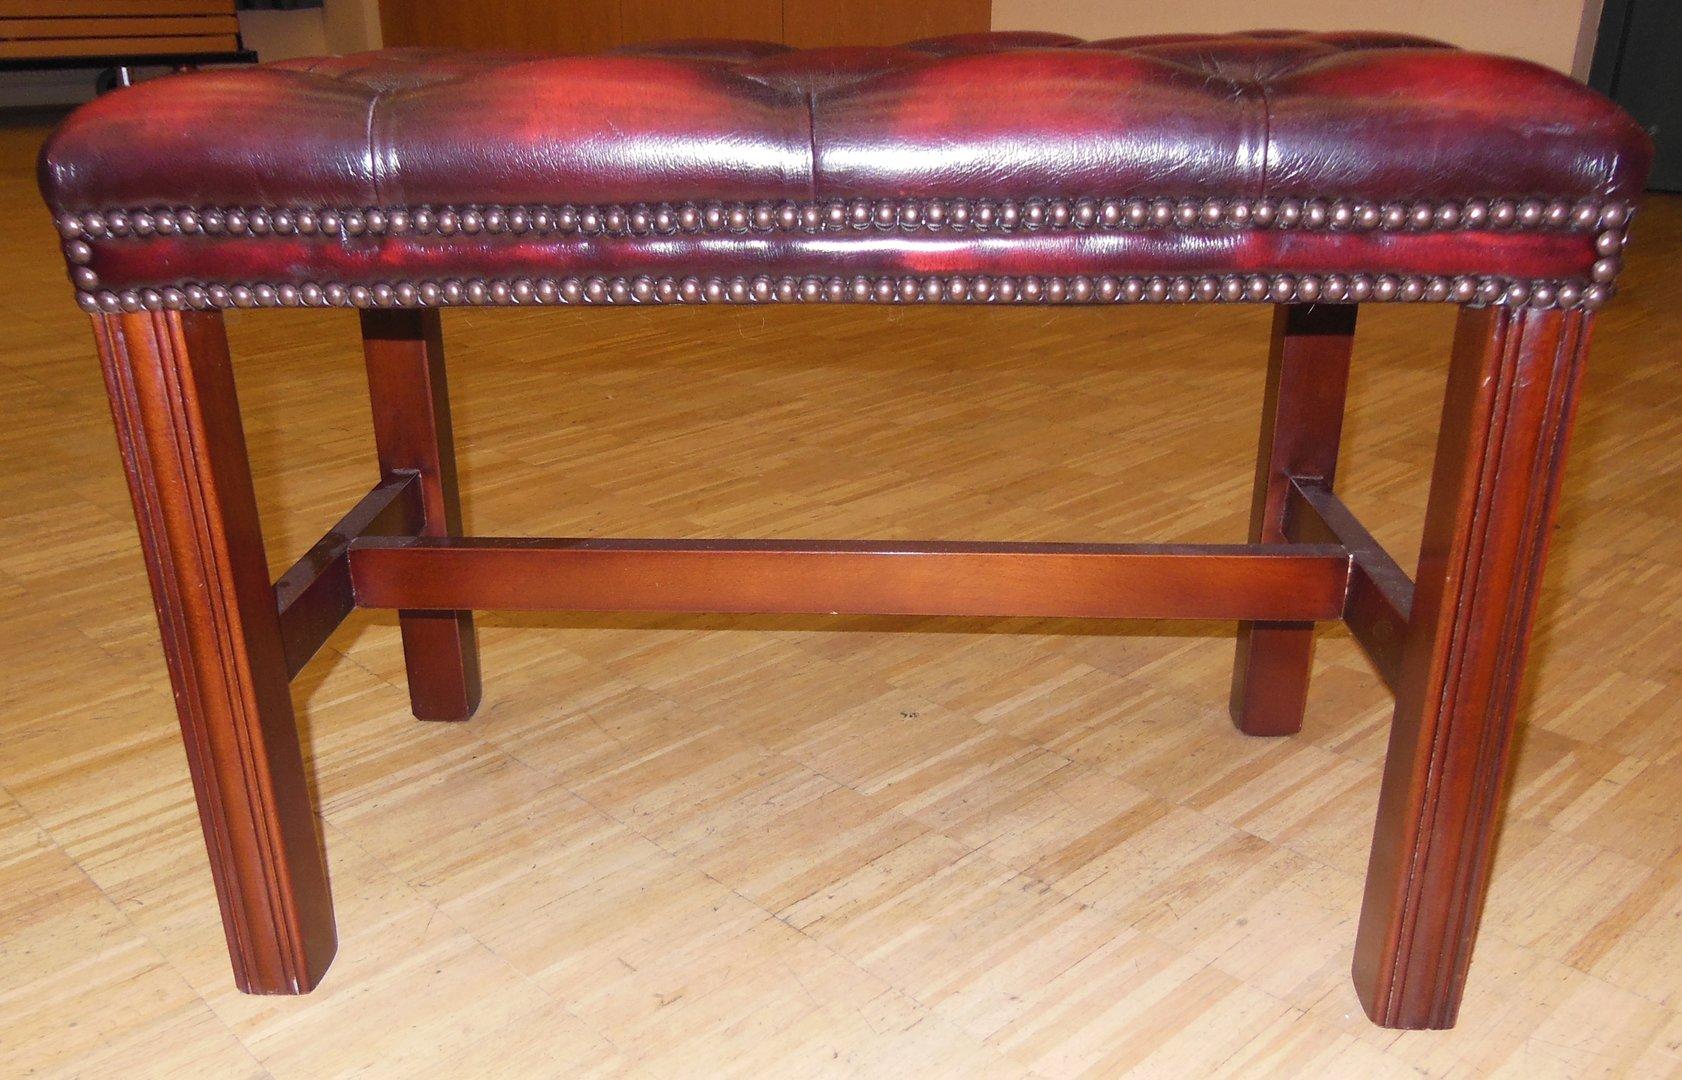 roter leder fu hocker englischer lederhocker weinroter lederhocker antik m bel antiquit ten. Black Bedroom Furniture Sets. Home Design Ideas